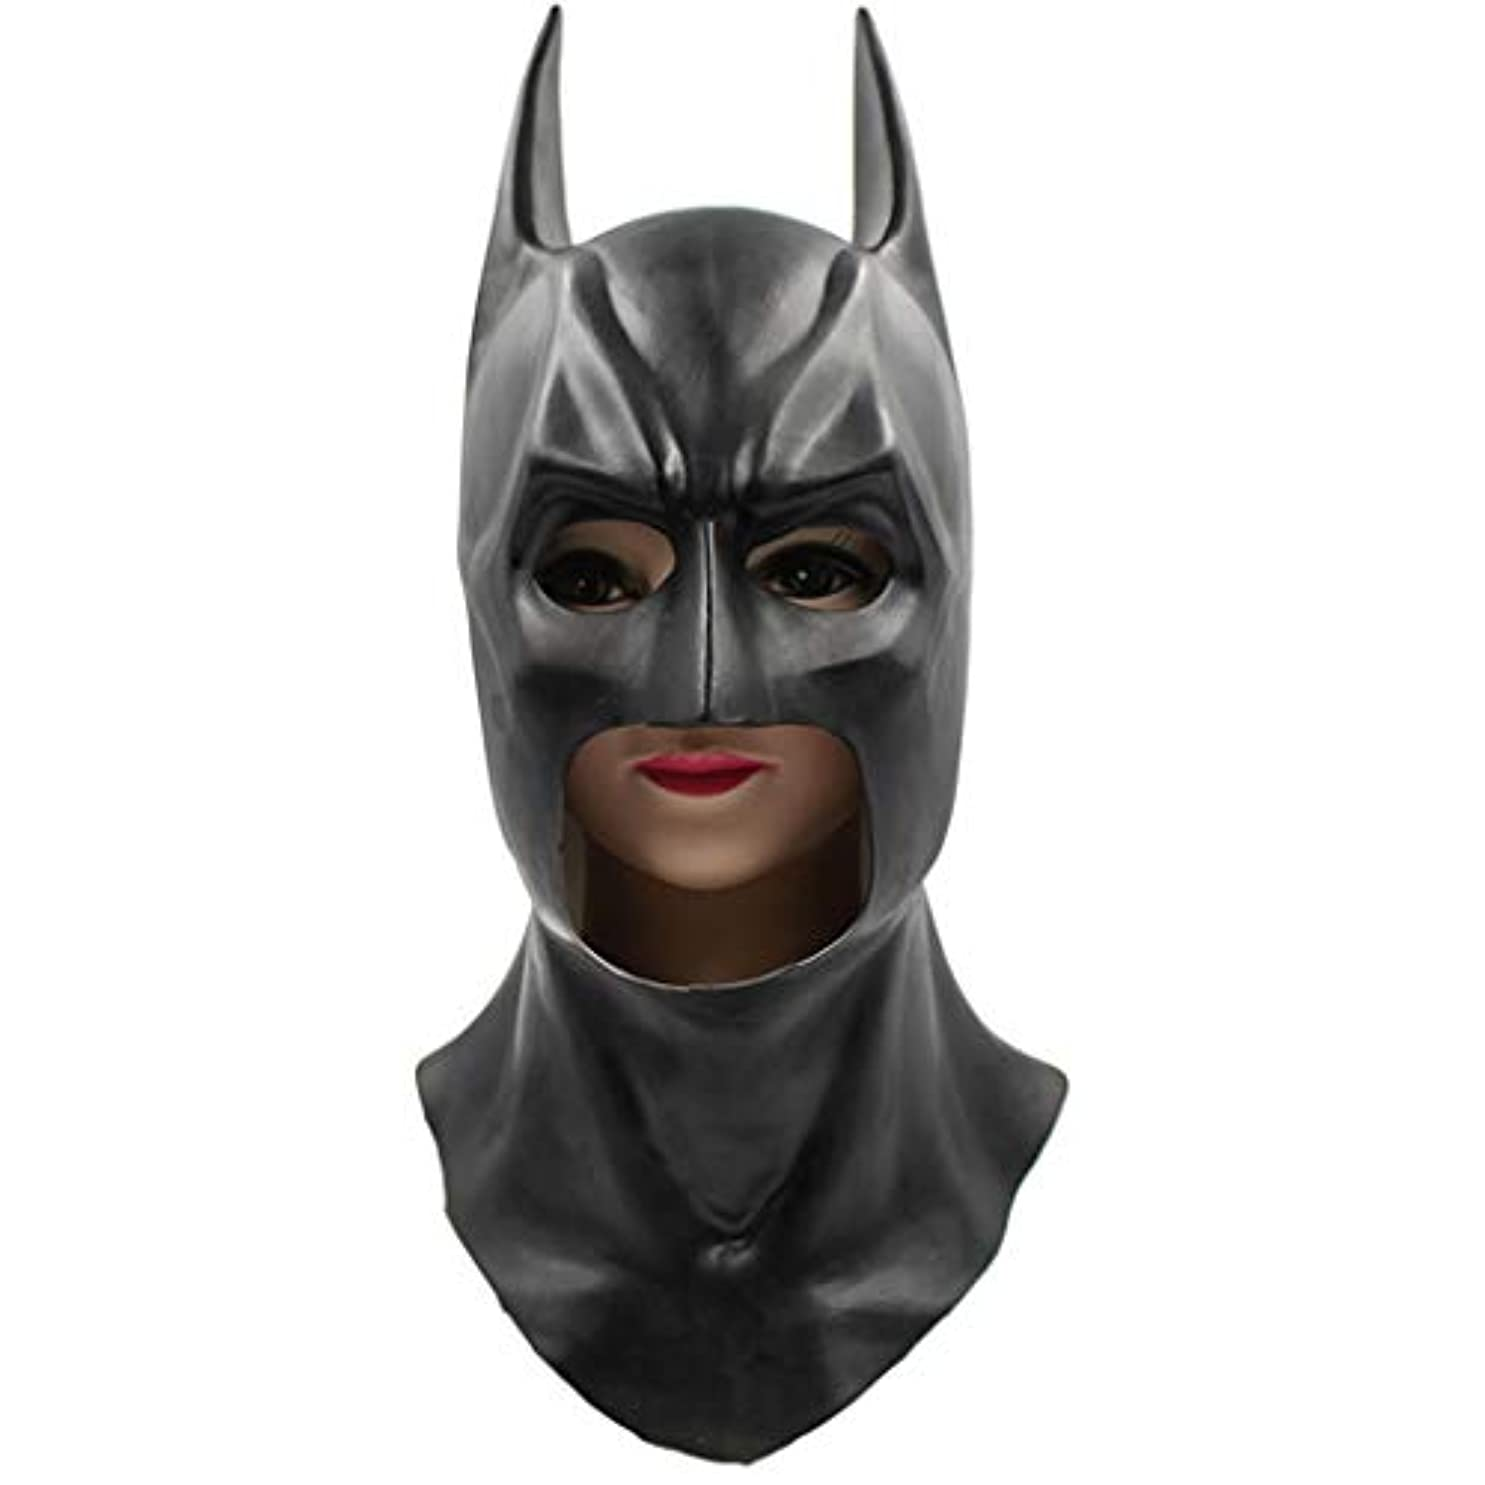 歌う動作署名バットマンマスクパーティーダンス小道具卸売ハロウィンラテックス玩具